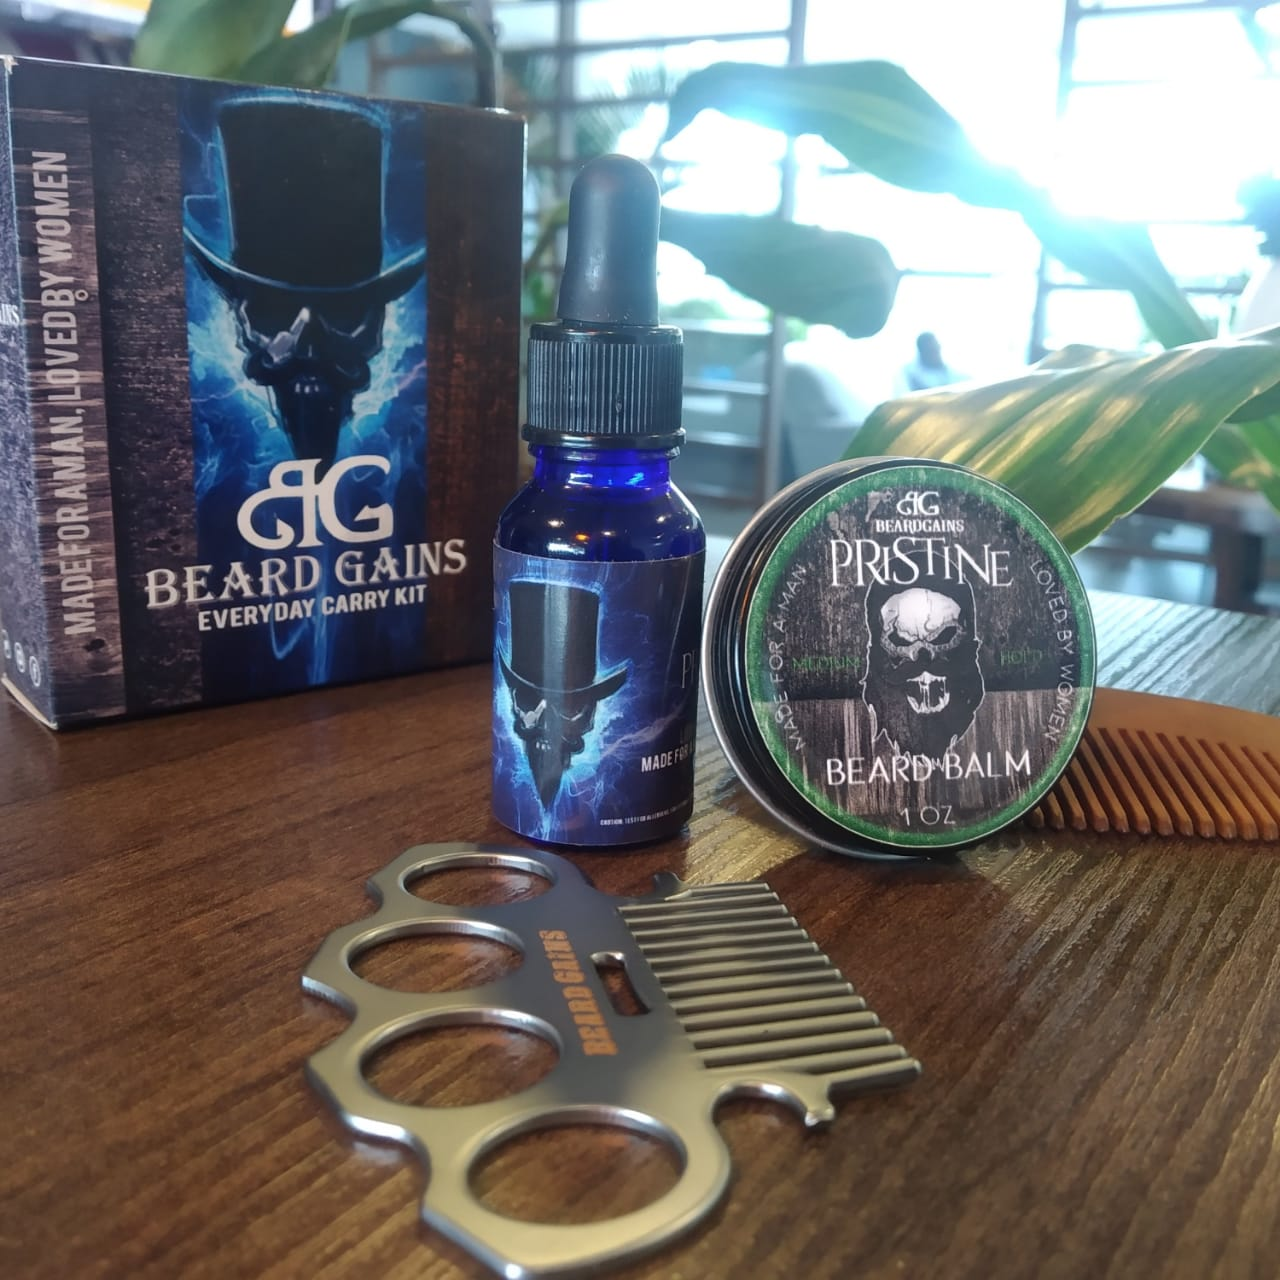 beard gains beard oil kit Nairobi Kenya